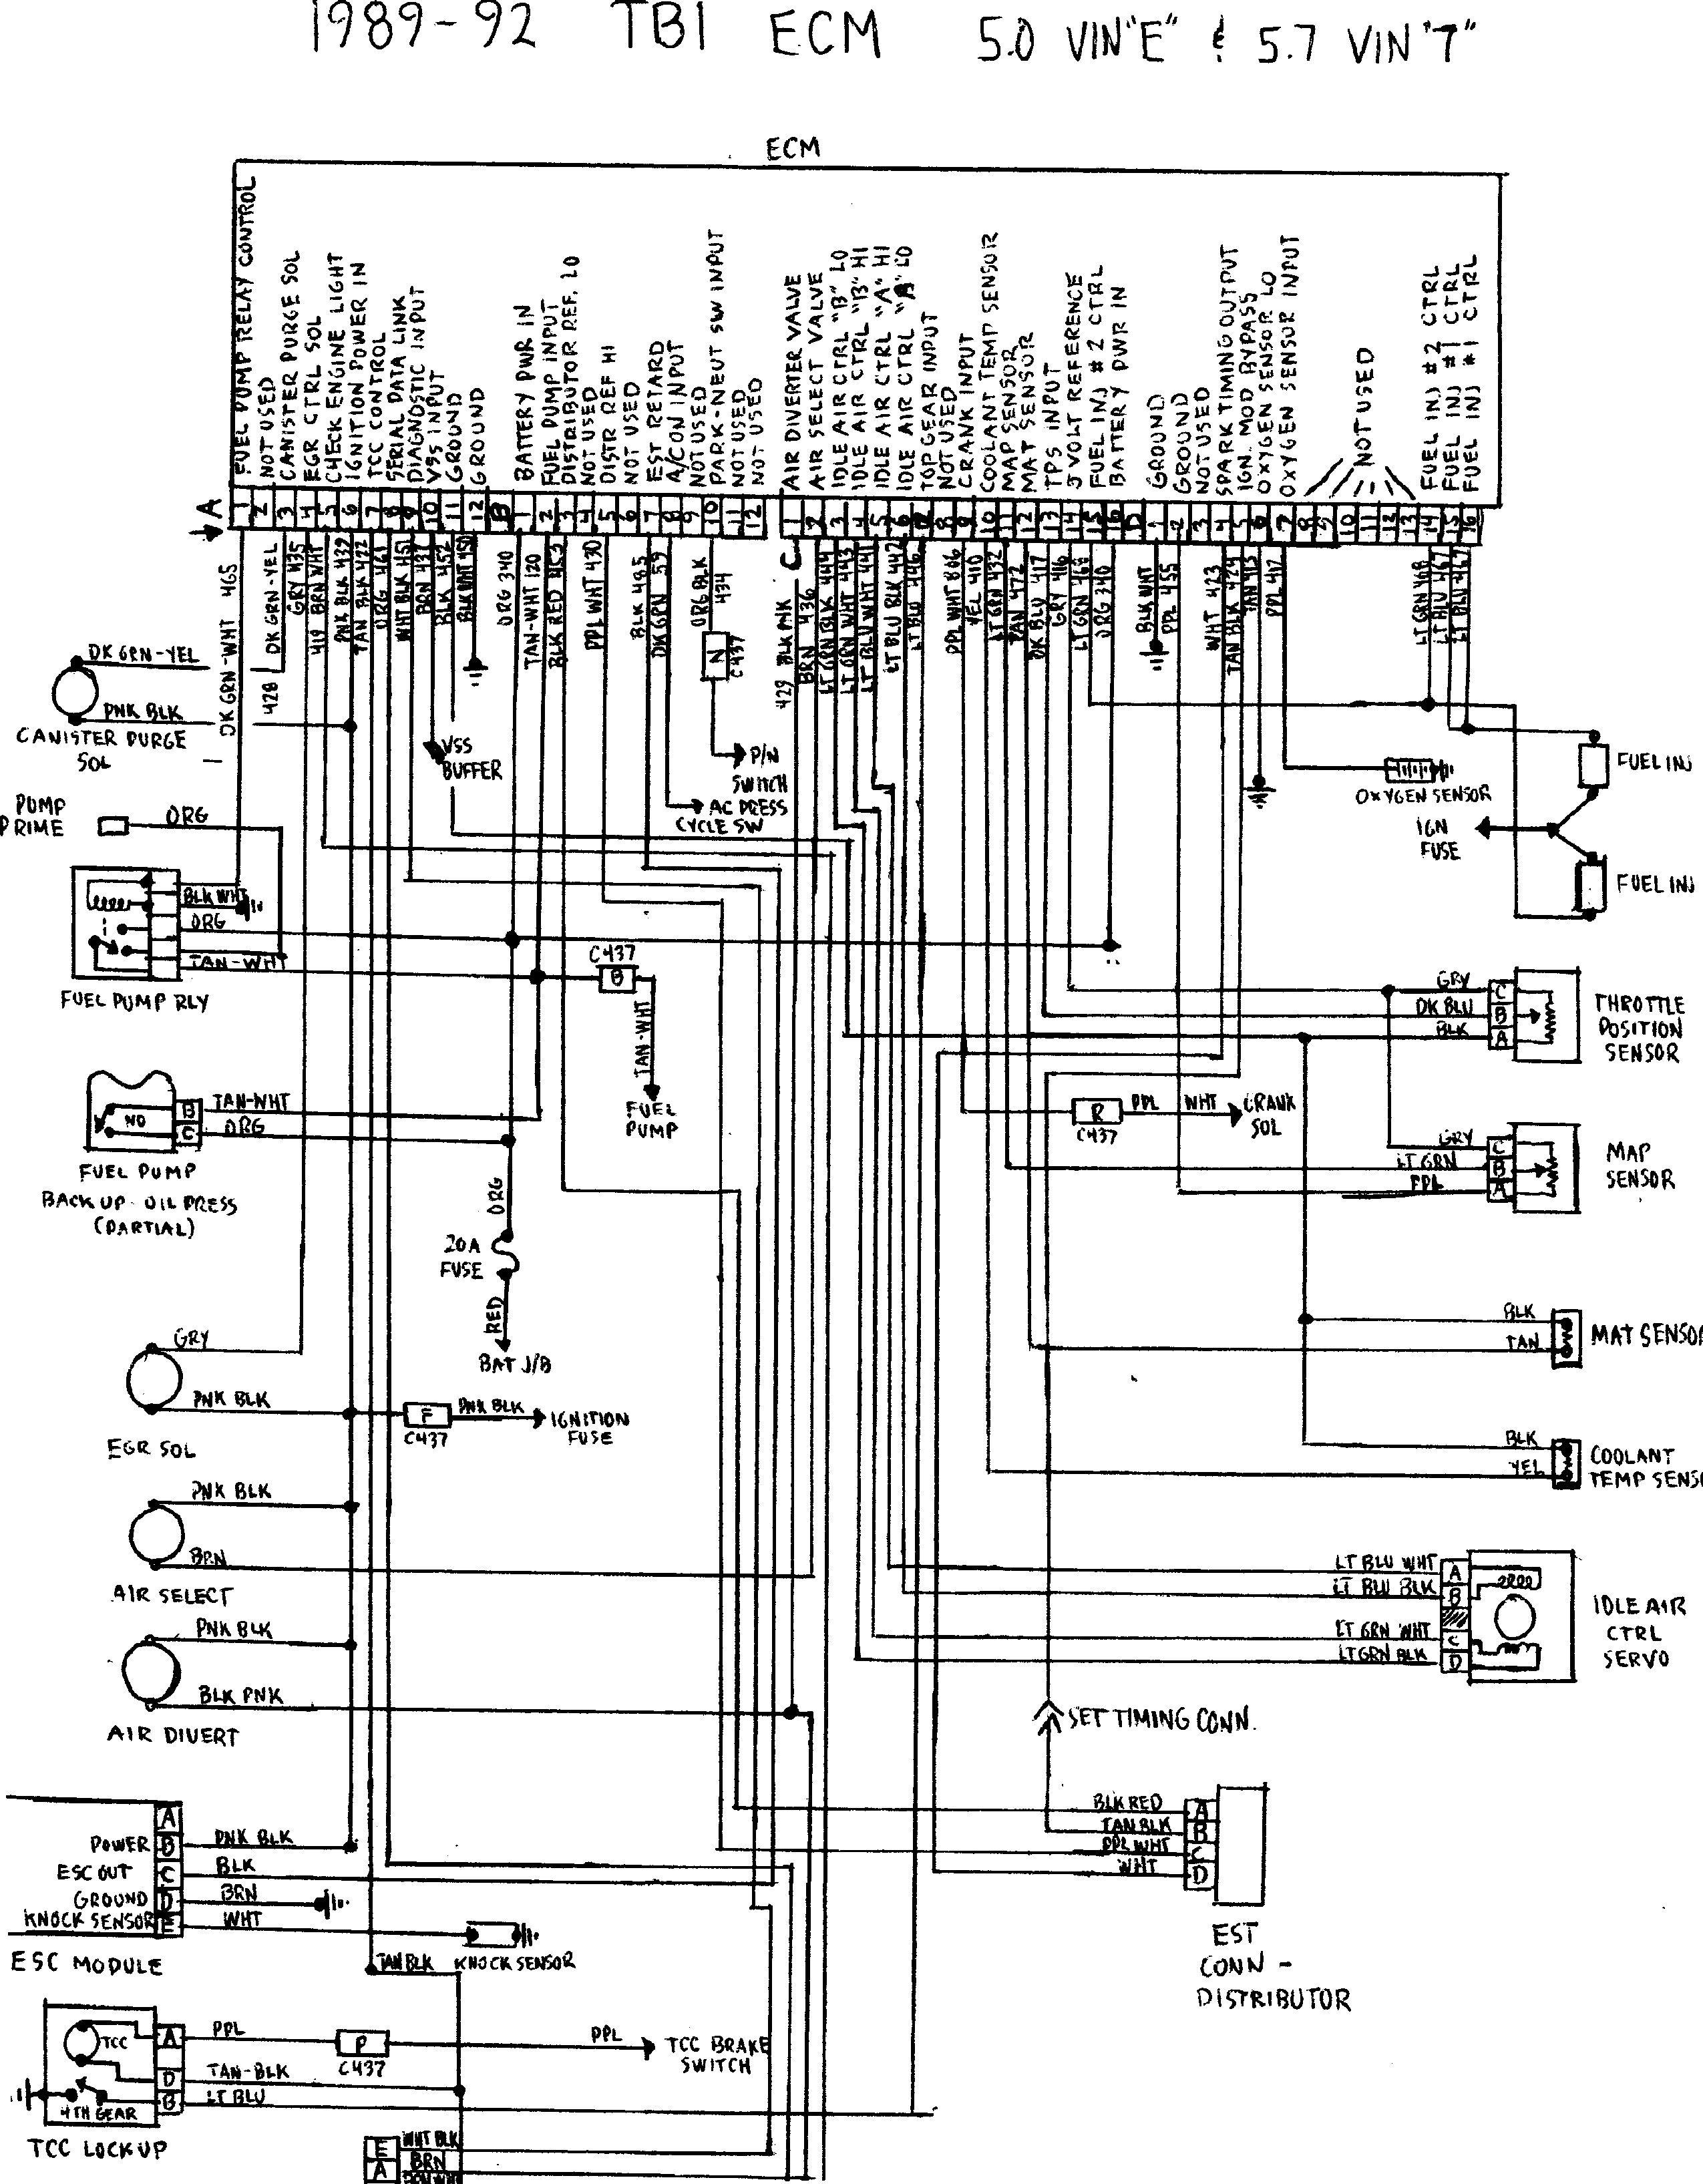 Awesome Pcm Wiring Diagram In 2020 Garage Door Sensor Craftsman Garage Door Wire